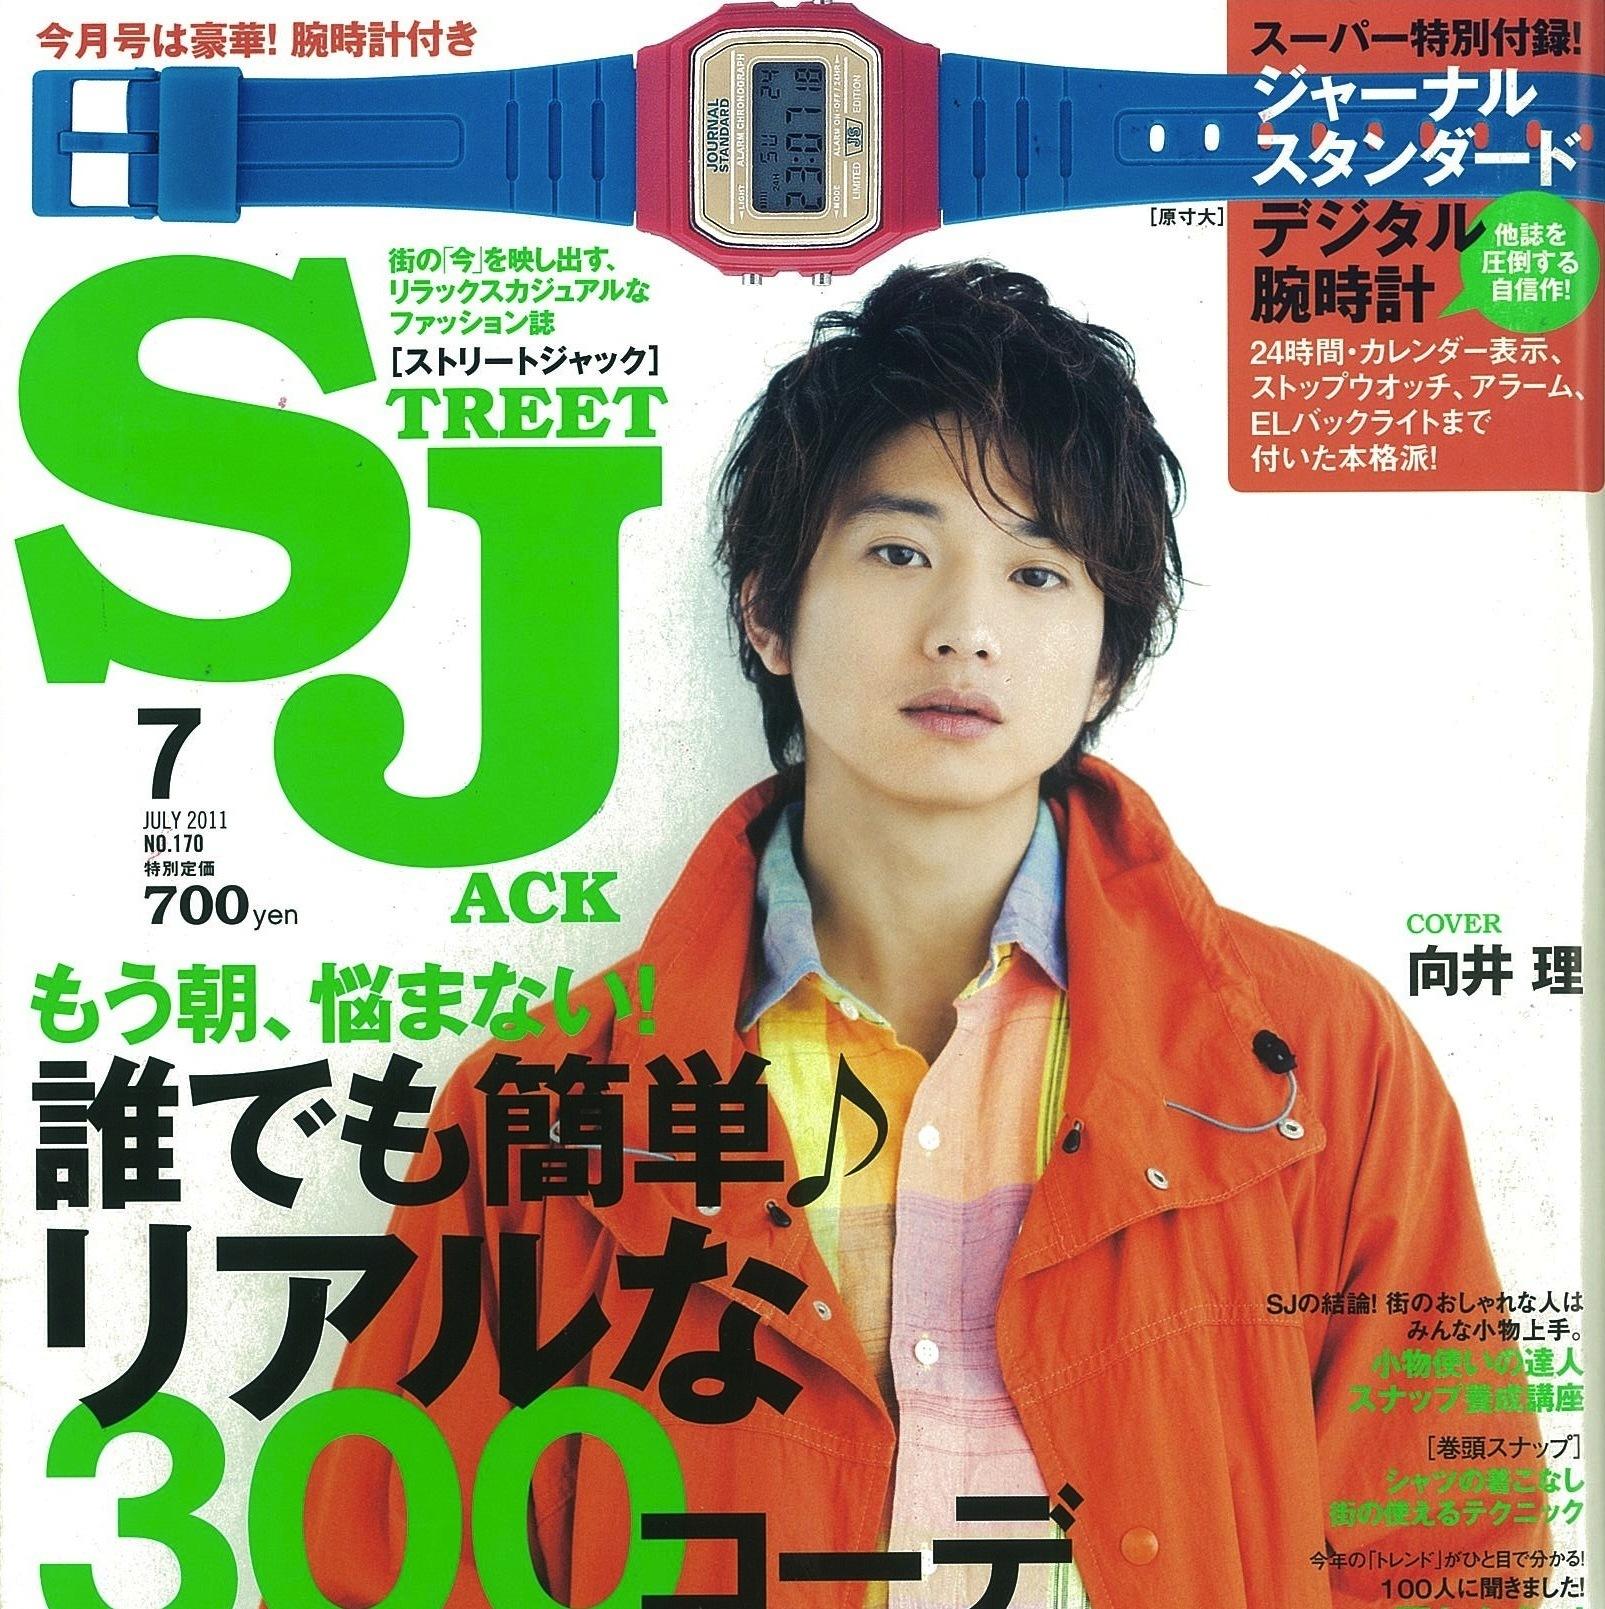 東日本大震災から9年。あの年、『ファッション雑誌』は何を発信していたのか?